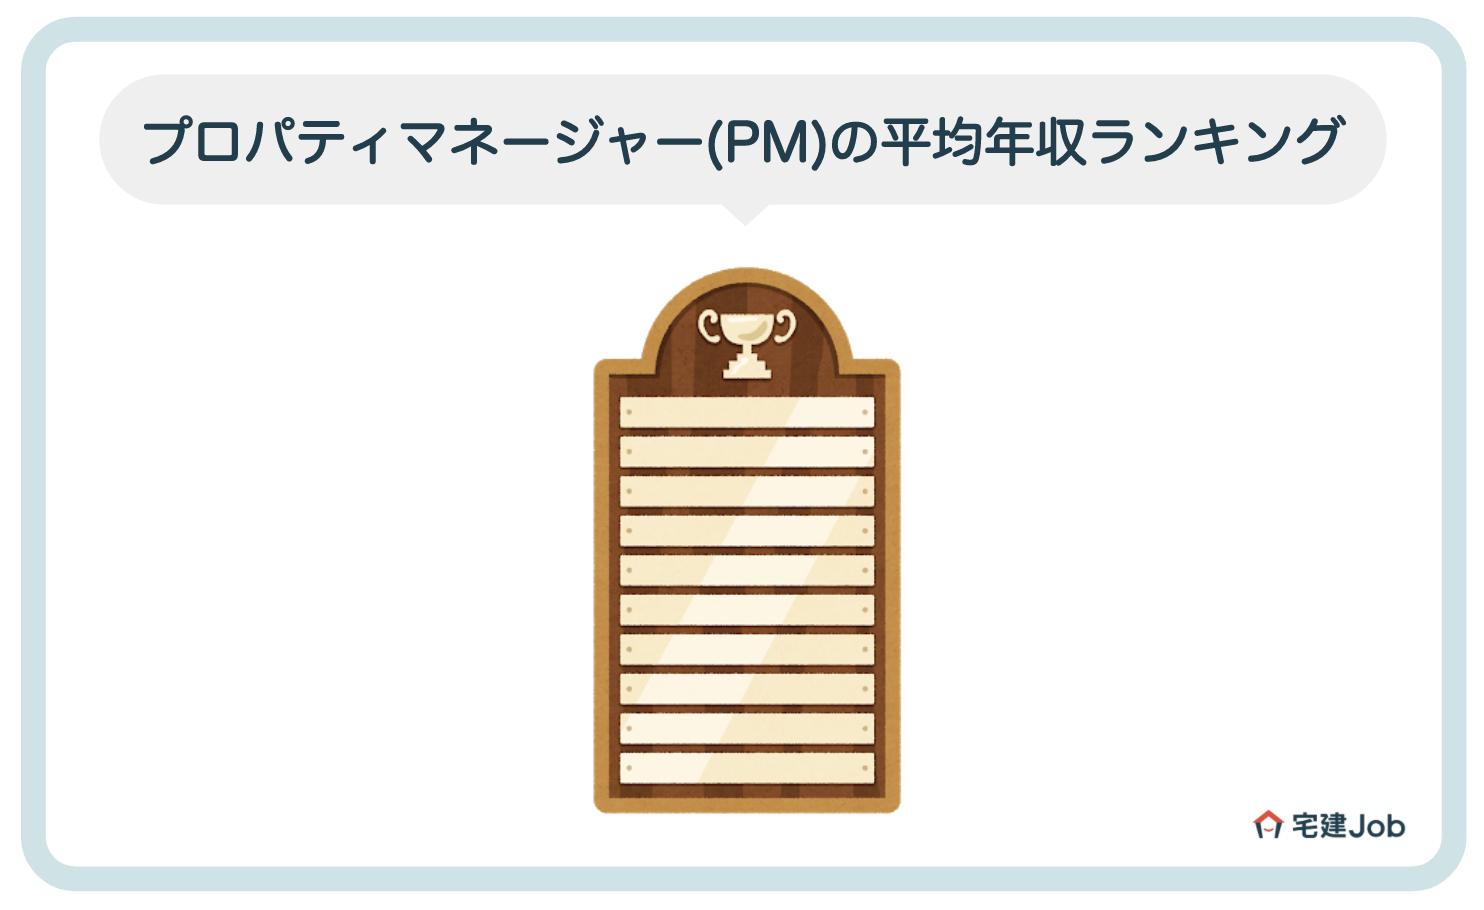 プロパティマネージャー(PM)の平均年収【会社別のランキングも紹介】